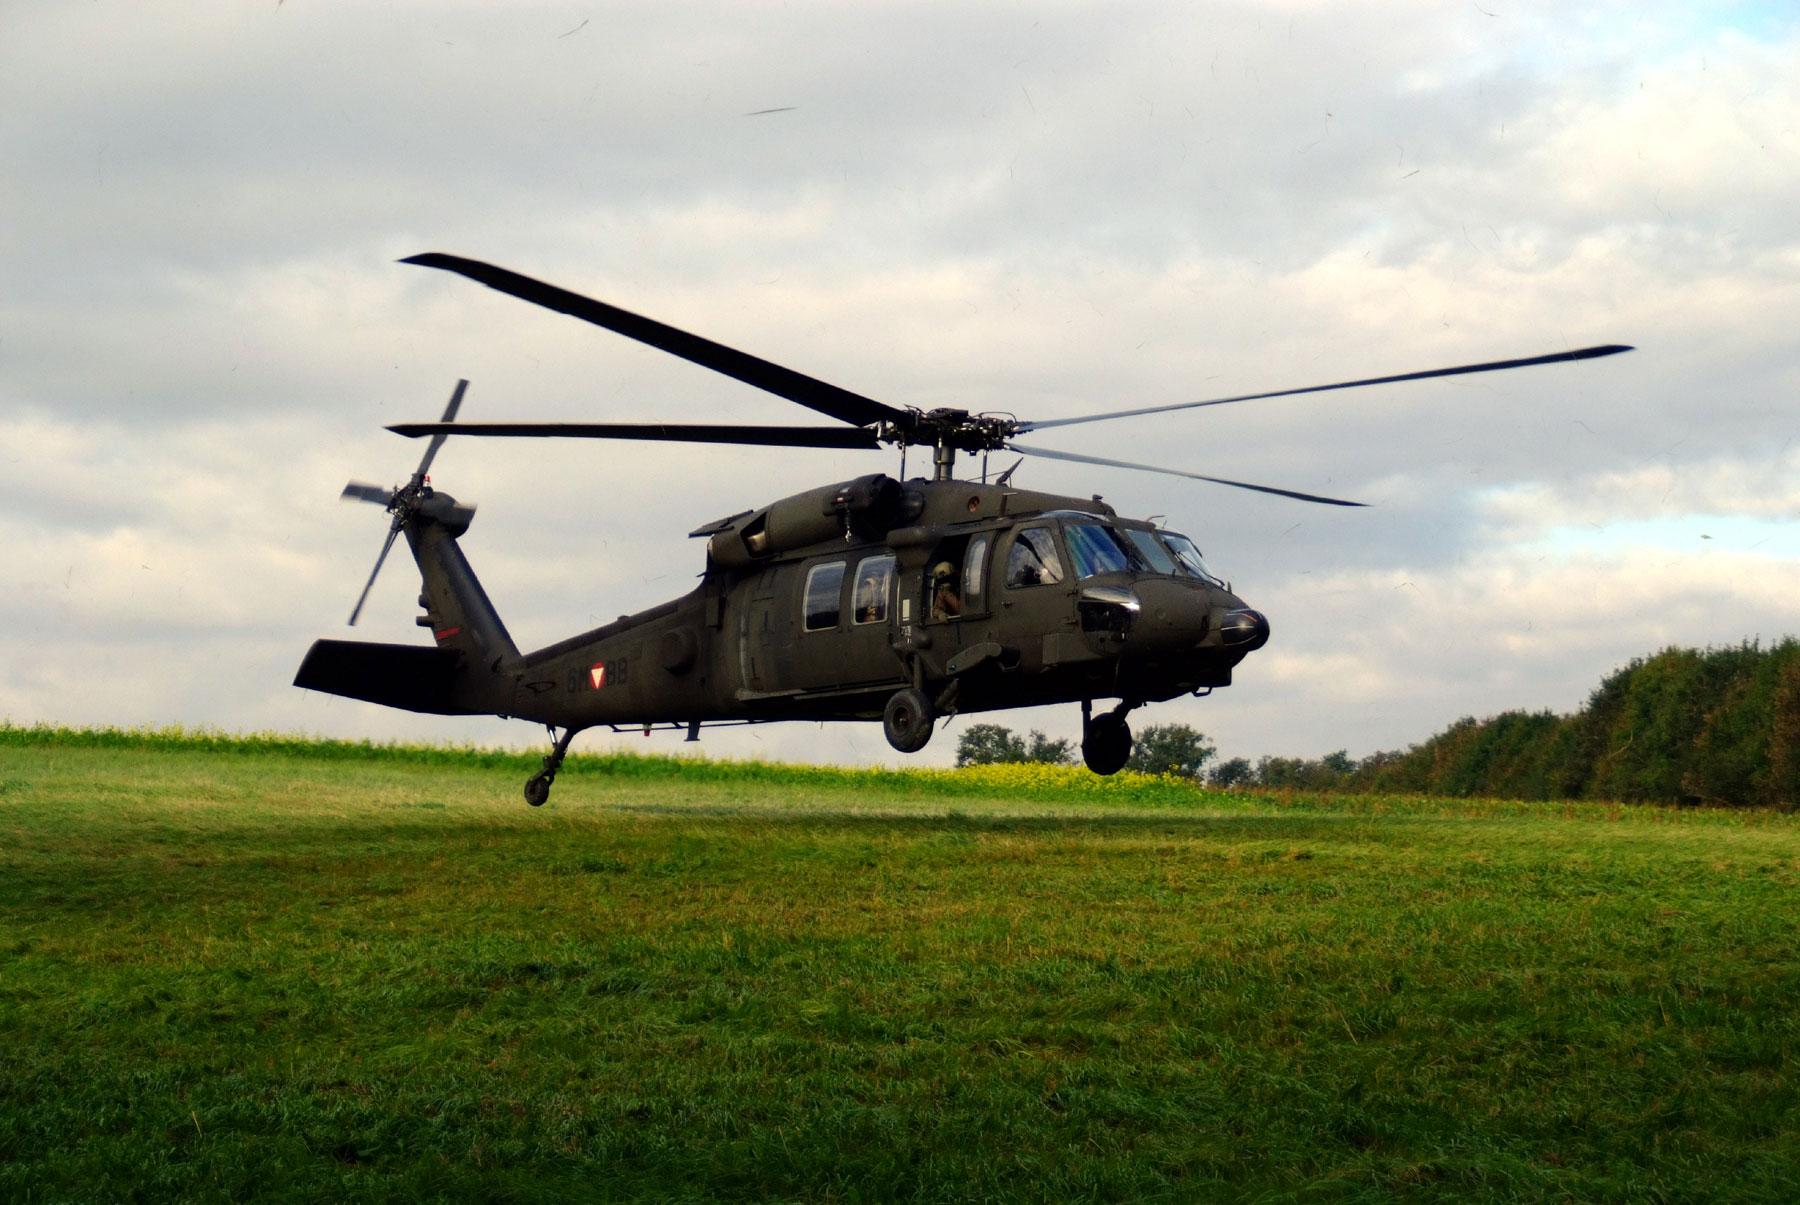 Milizsoldaten trainieren Lufttransport